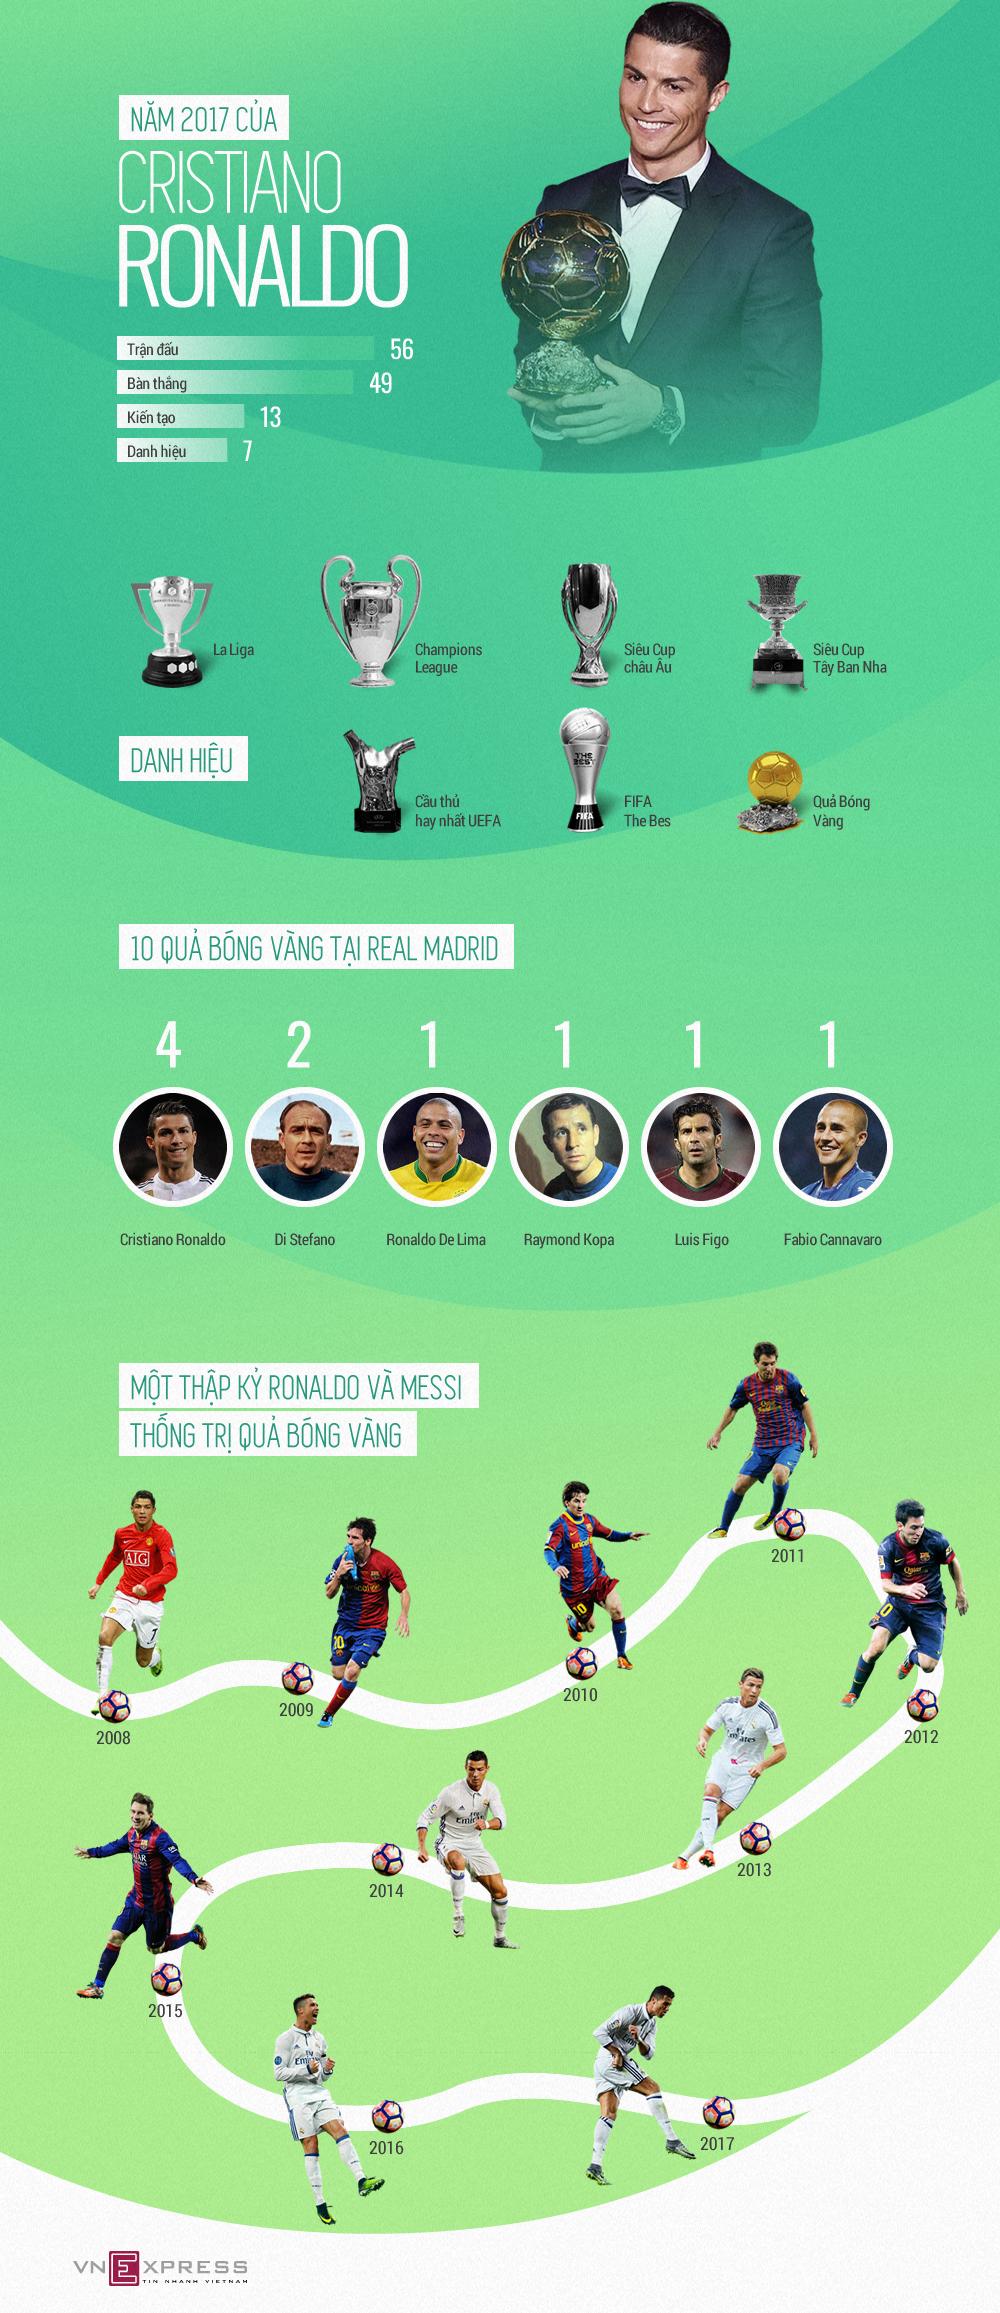 Năm 2017 bằng 'vàng ròng' của Cristiano Ronaldo